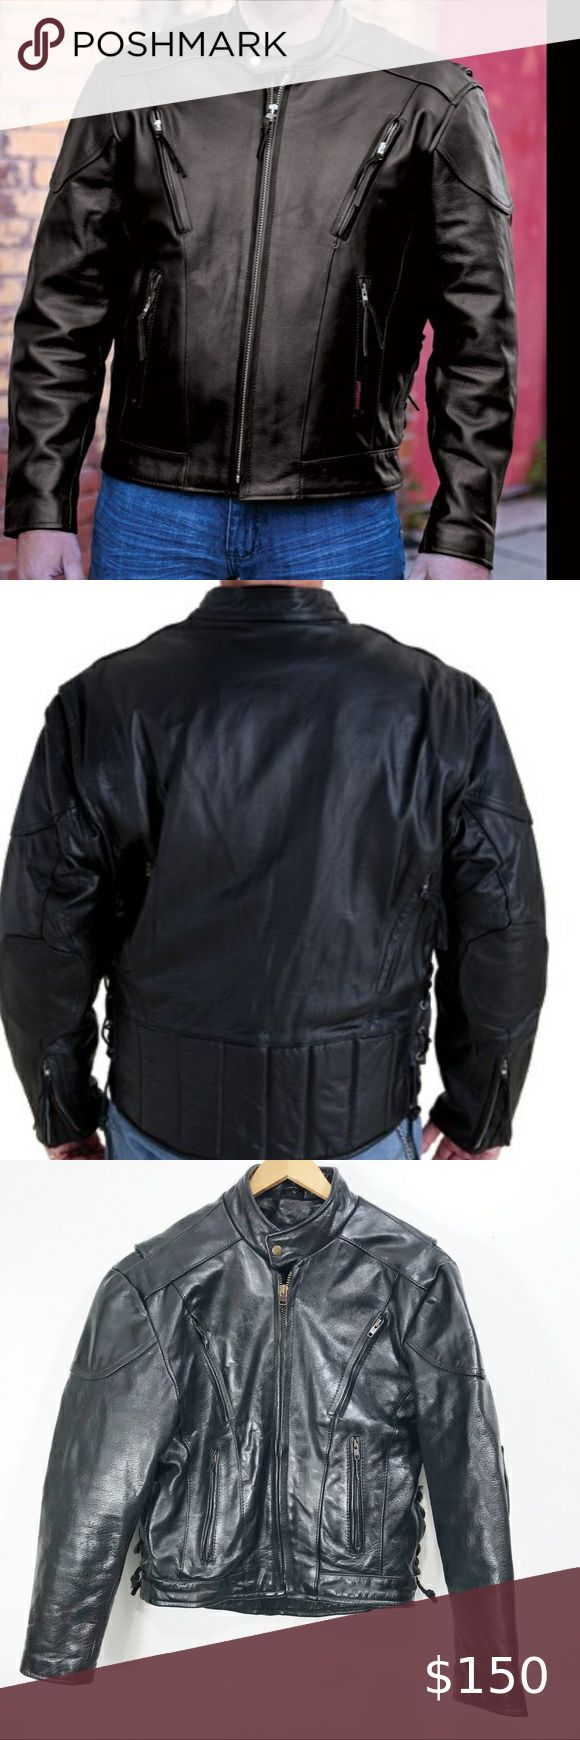 Interstate Leather Black Jacket M Interstate Men S Black Leather Jacket Size M Color Black Bought It But Never Worn Leather Jacket Black Black Jacket Jackets [ 1740 x 580 Pixel ]